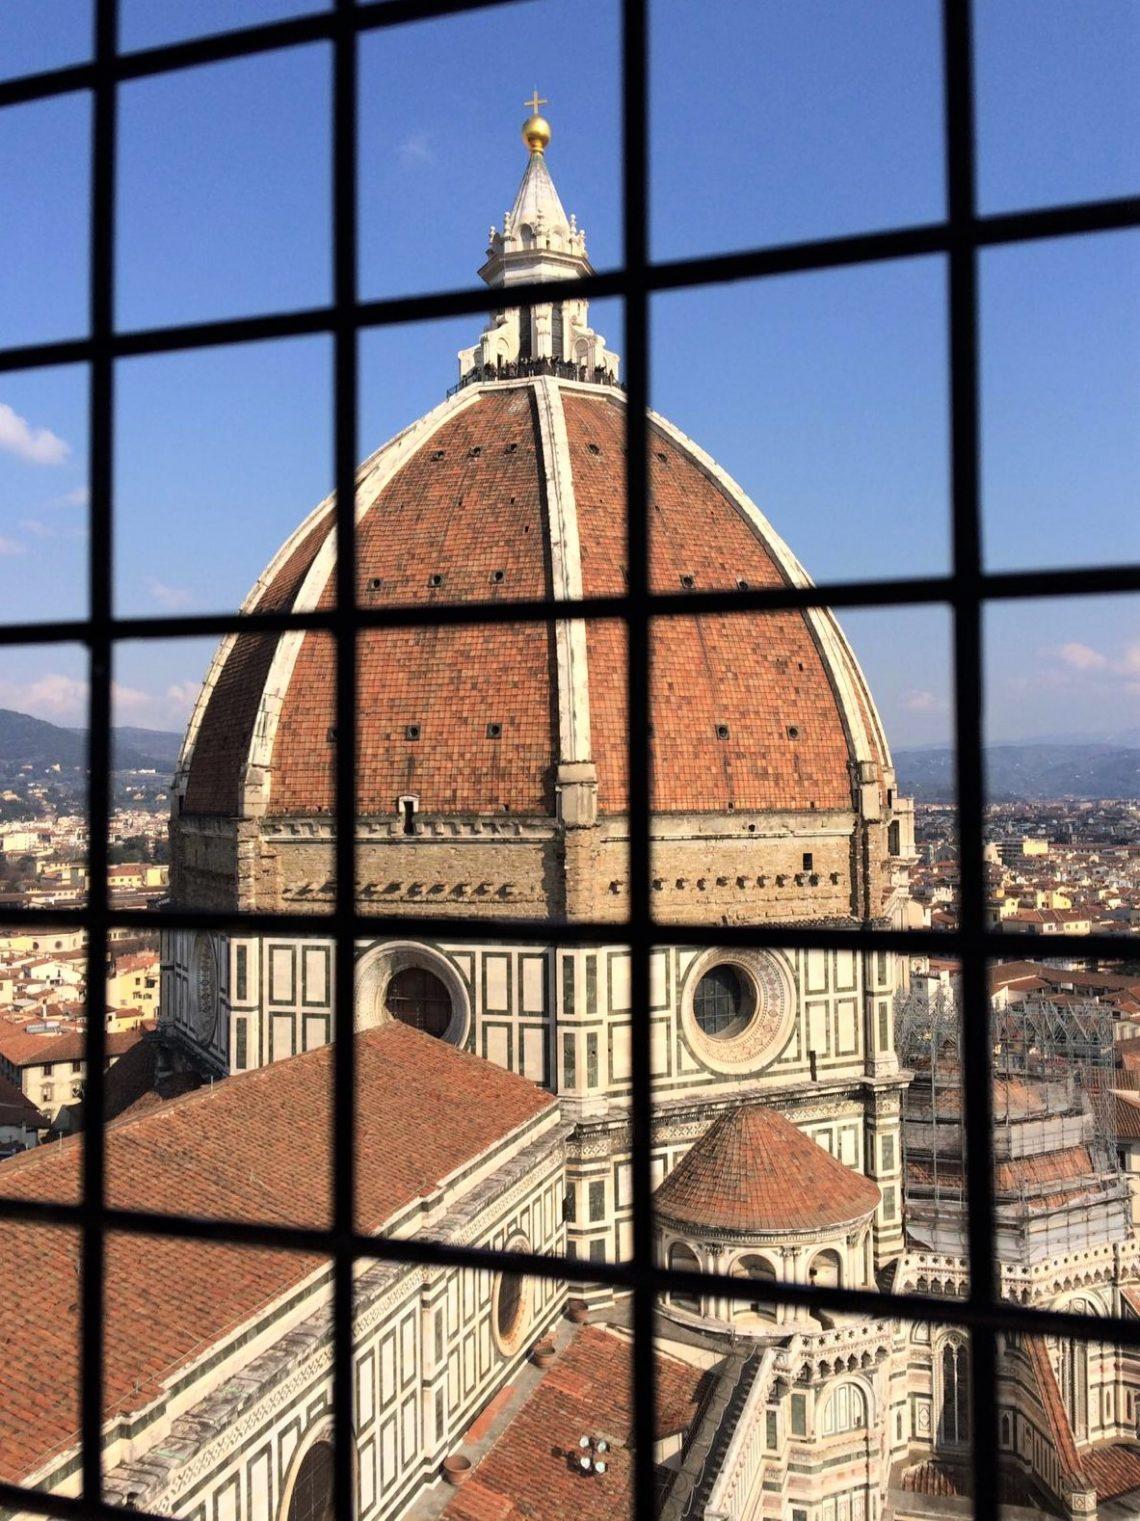 Blick vom Campanile auf die Dächer von Florenz